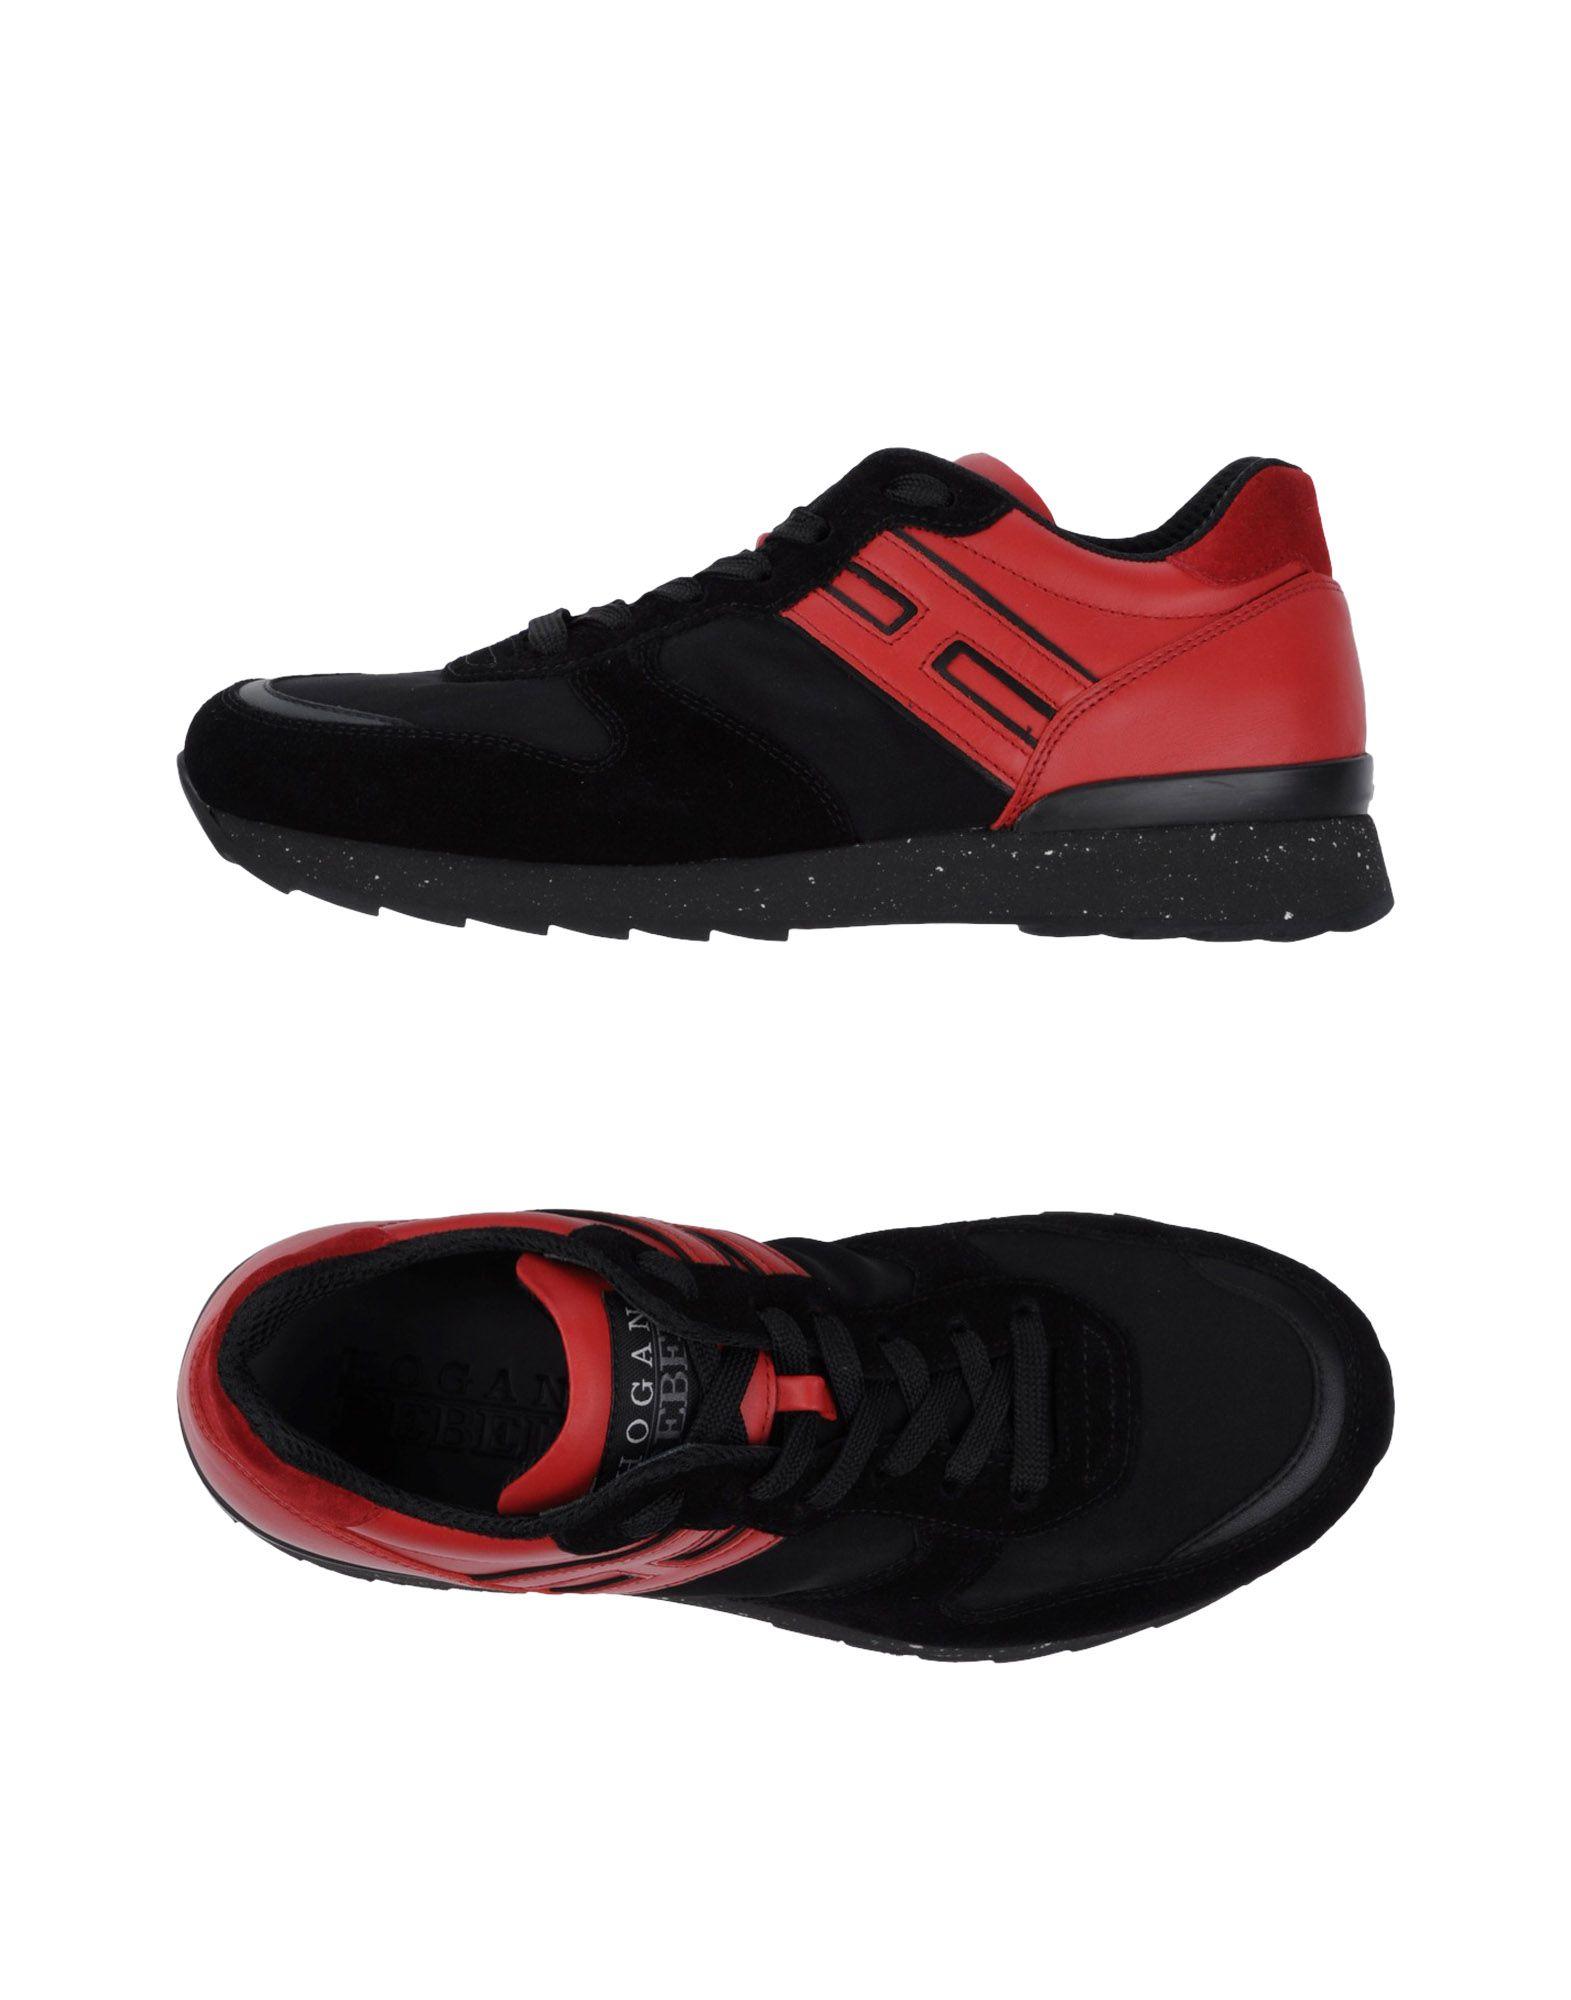 Hogan beliebte Rebel Sneakers Herren  11299147OS Gute Qualität beliebte Hogan Schuhe adc57e